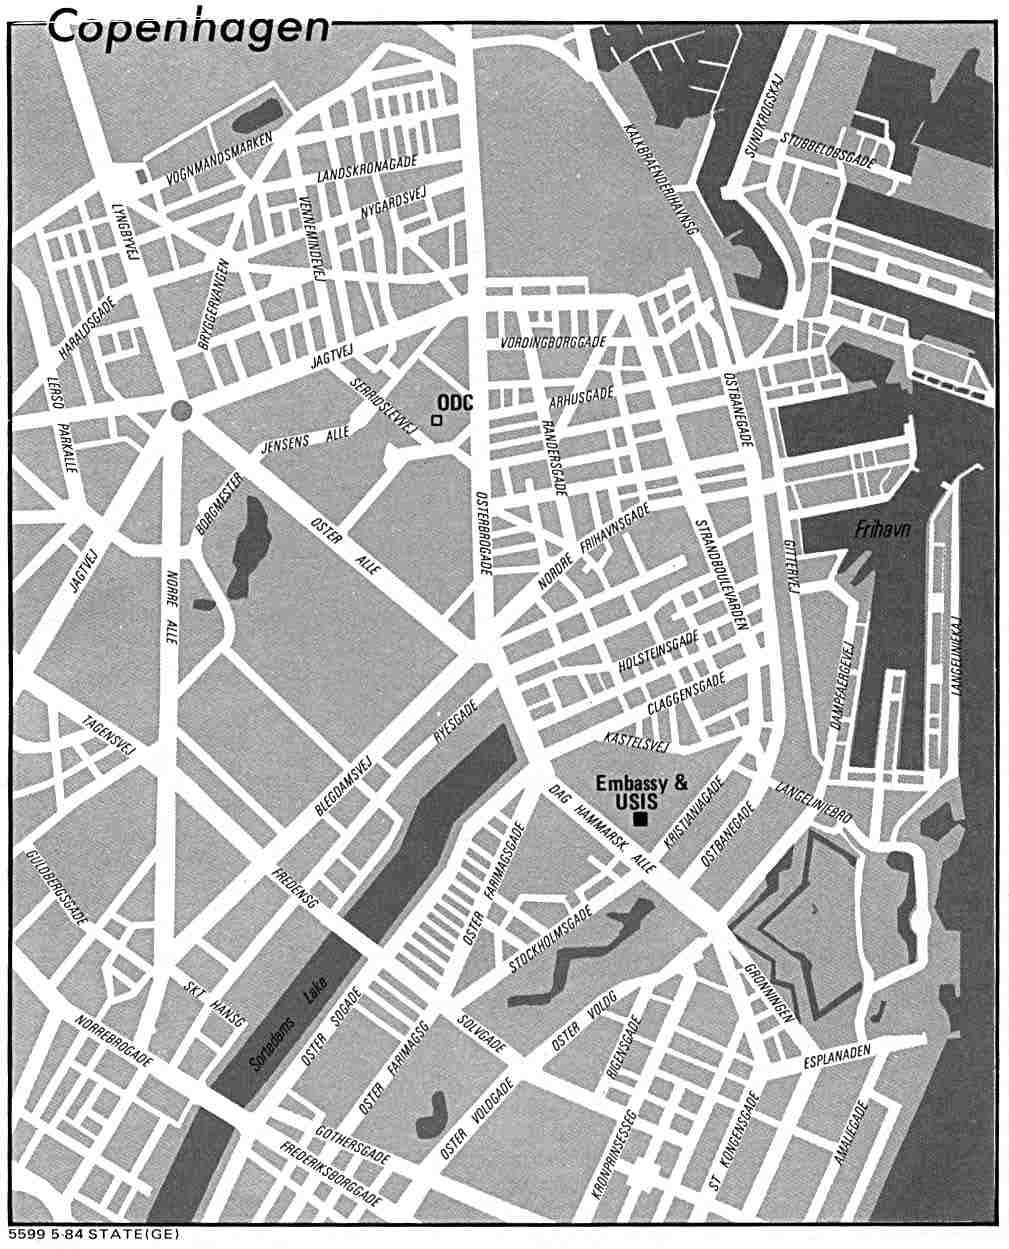 Mapa de la Ciudad de Copenhague, Dinamarca